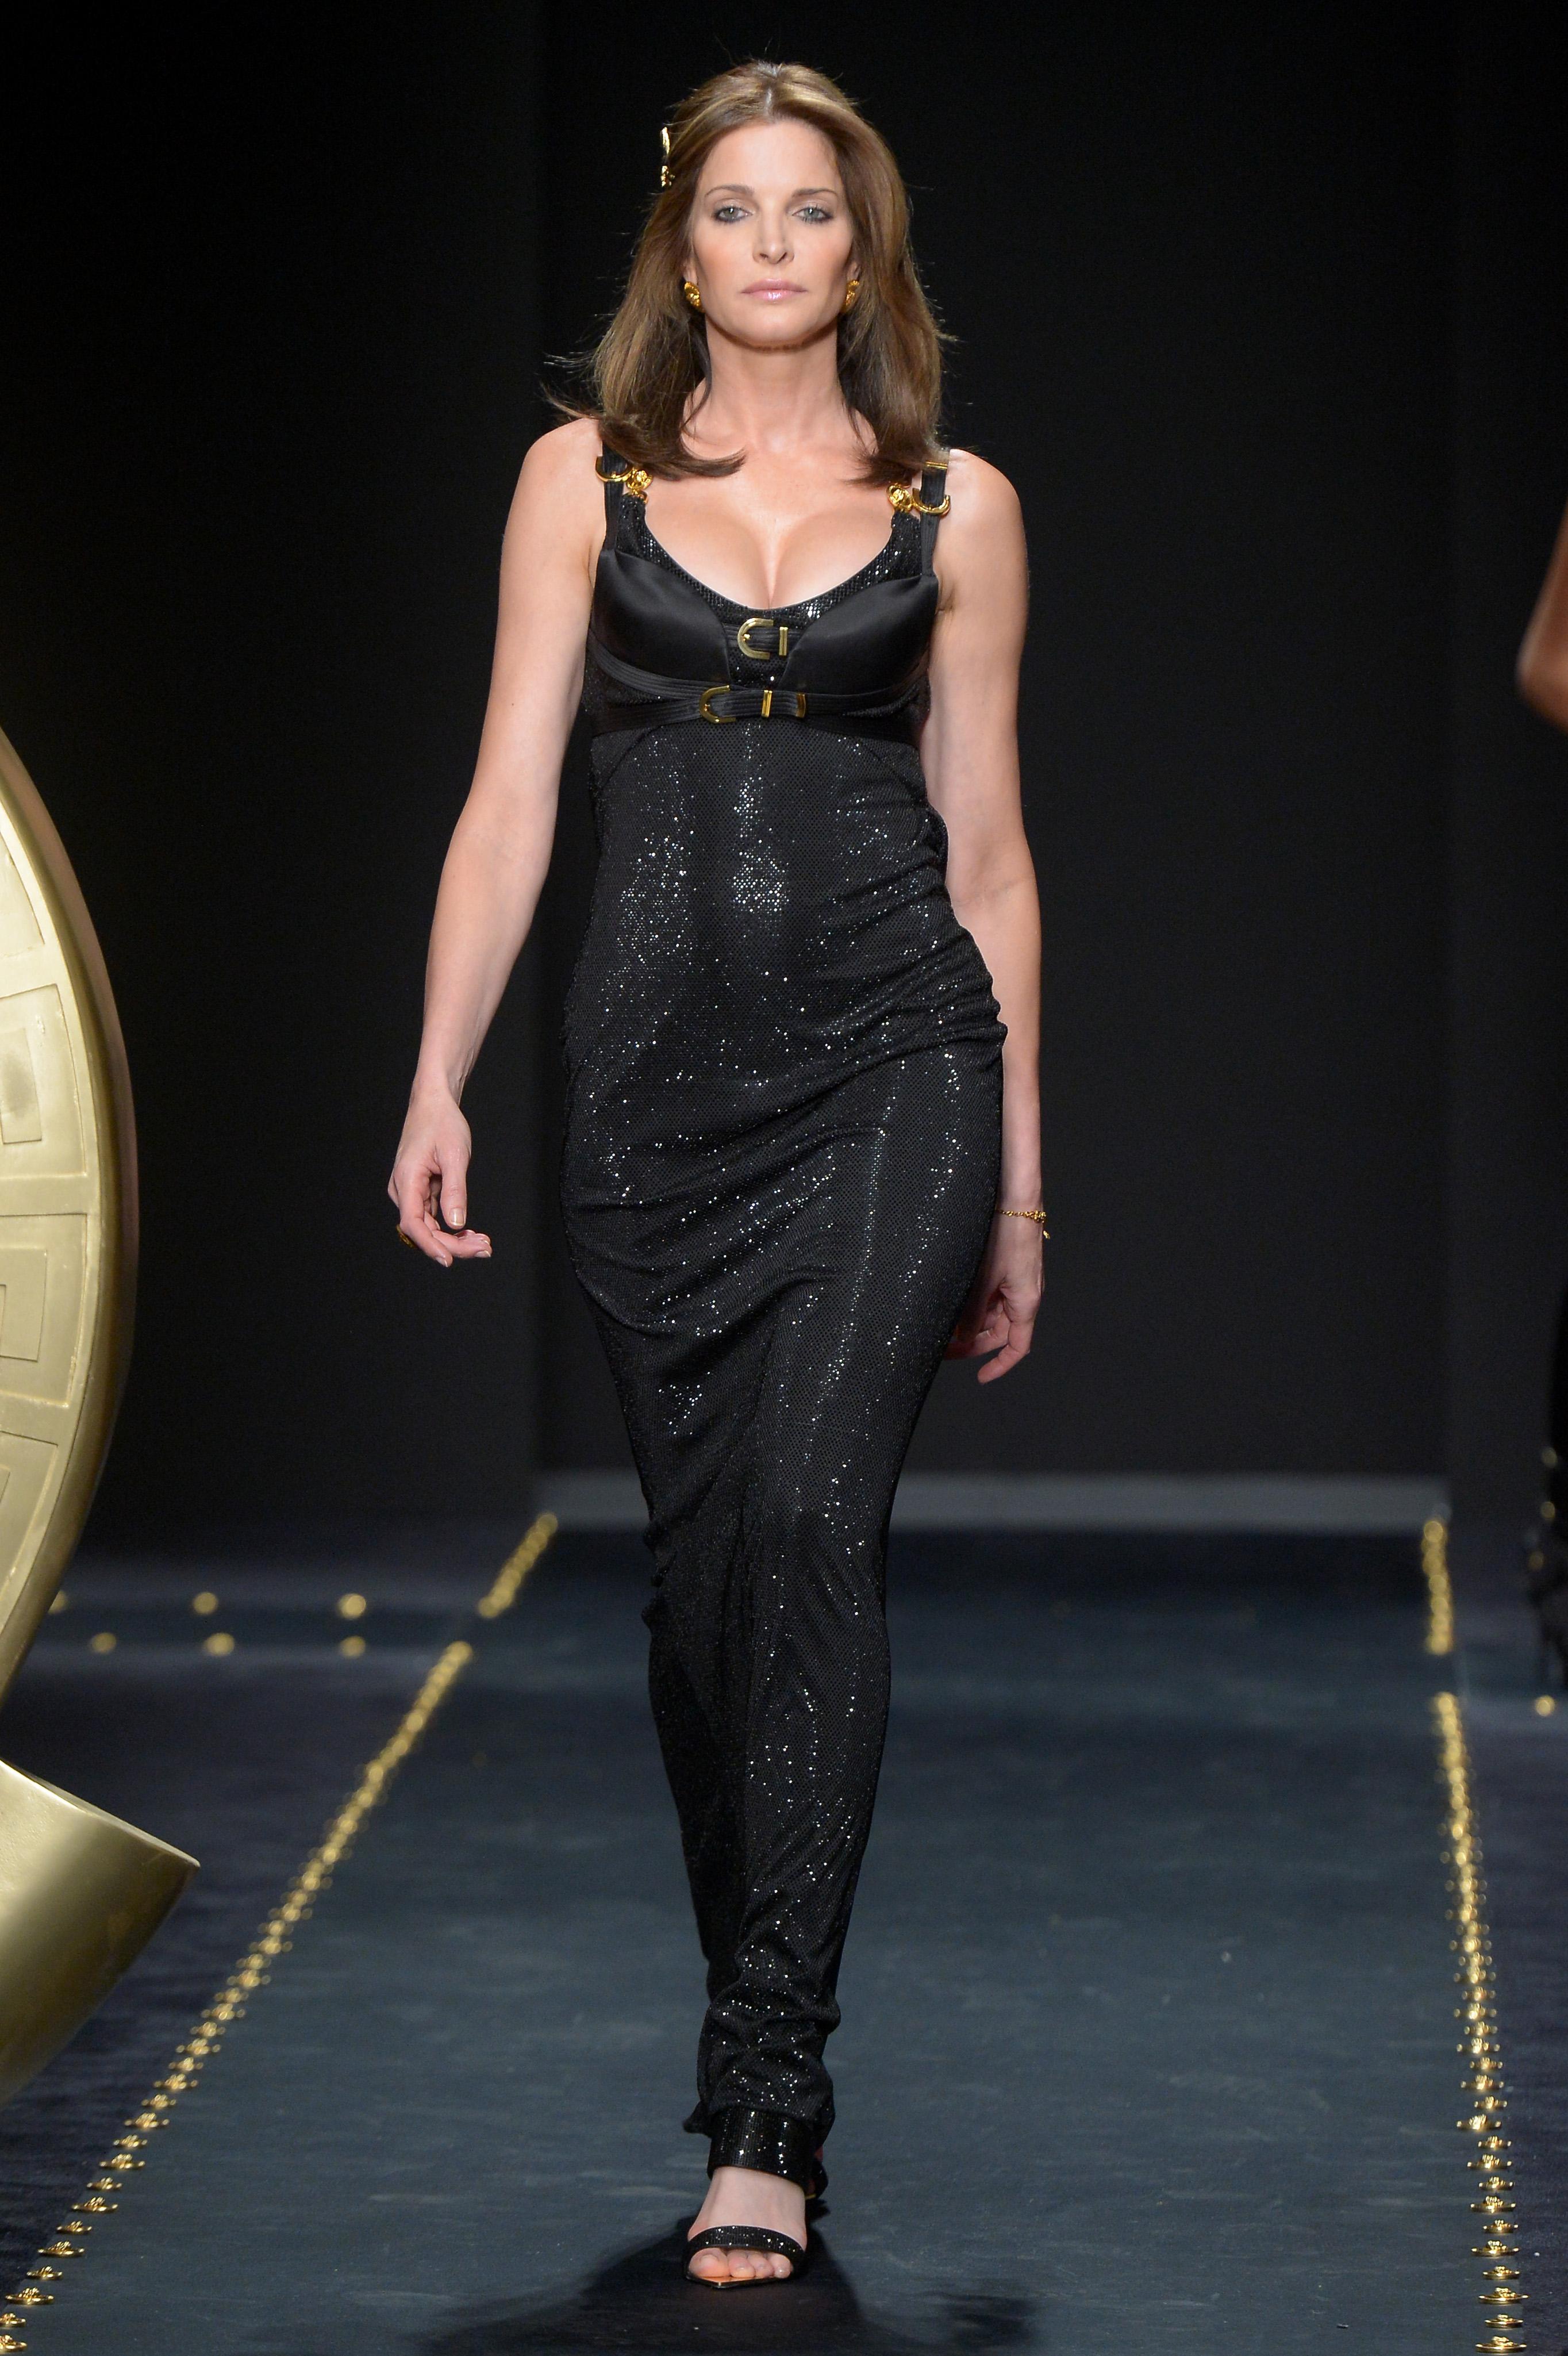 Stephanie Seymour on the catwalk